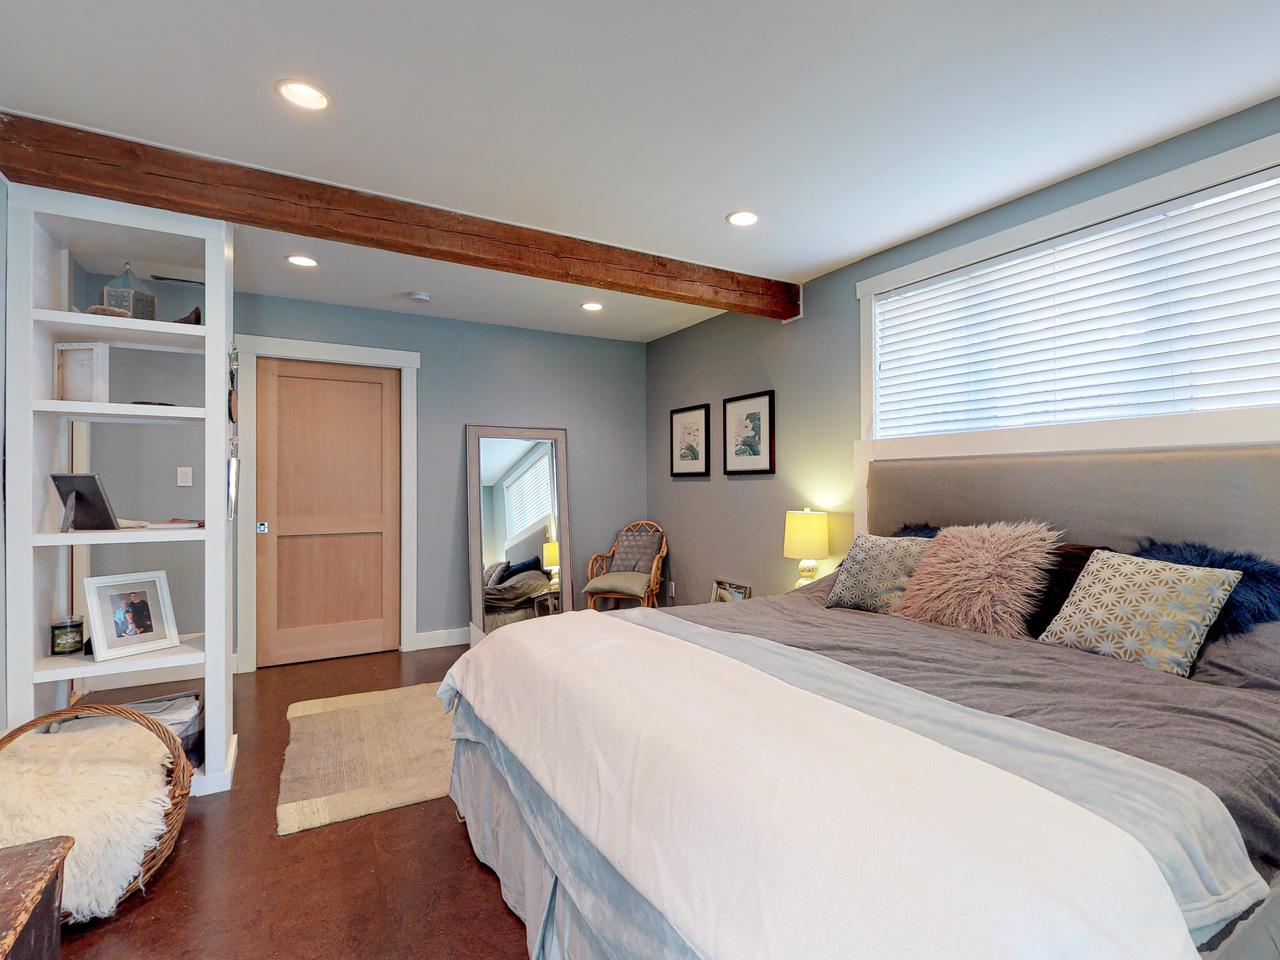 3 bed 2 Bed Nanaimo Home by SolonREM.com at 20 Acacia Avenue, Nanaimo Bc Bc,